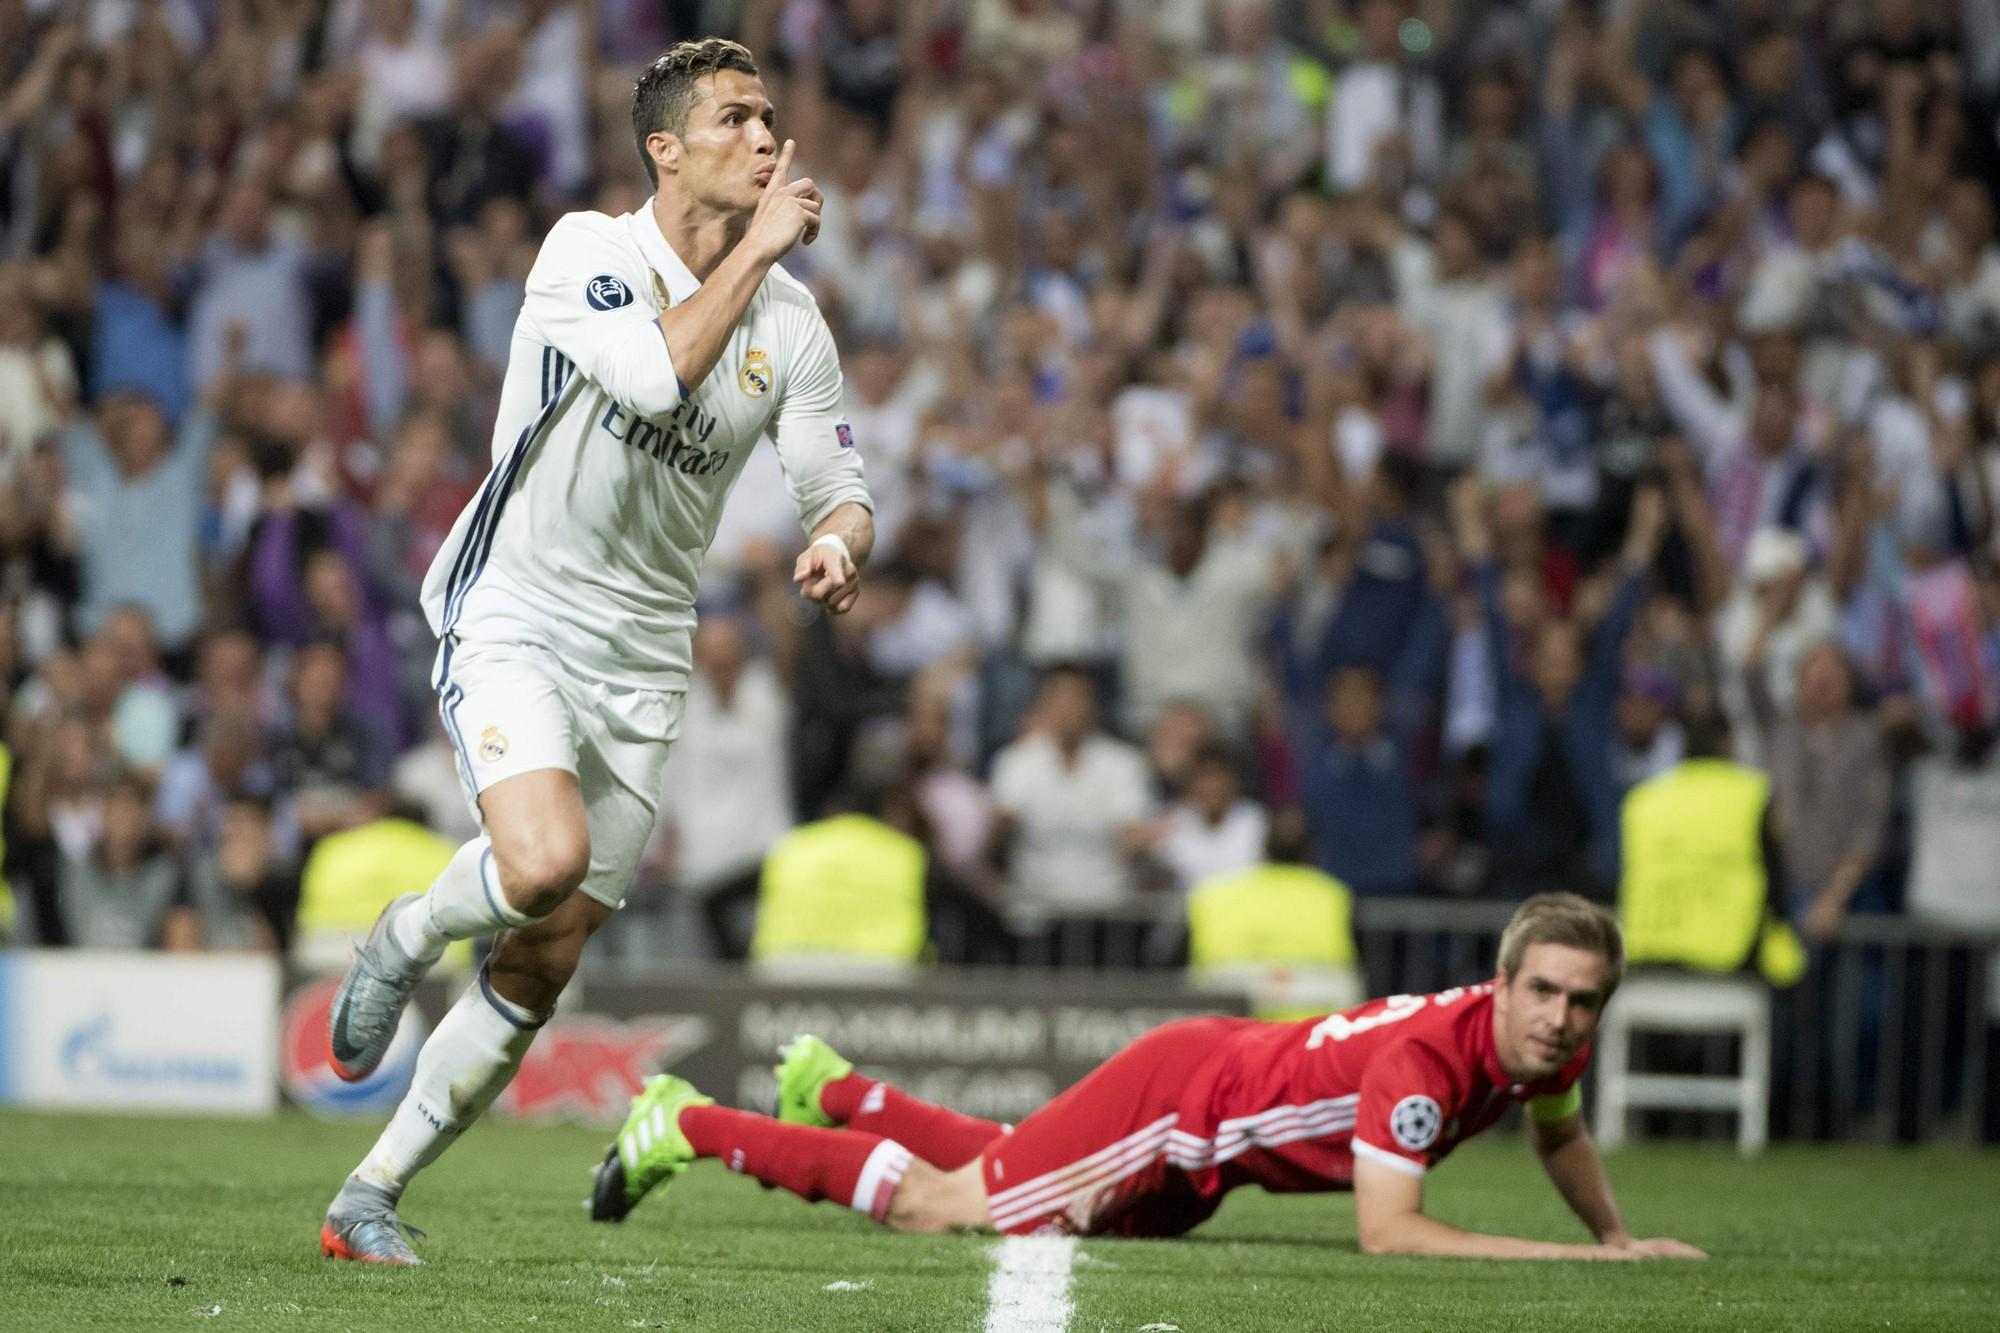 Vì sao Ronaldo xứng đáng đoạt Quả bóng Vàng? - Ảnh 2.